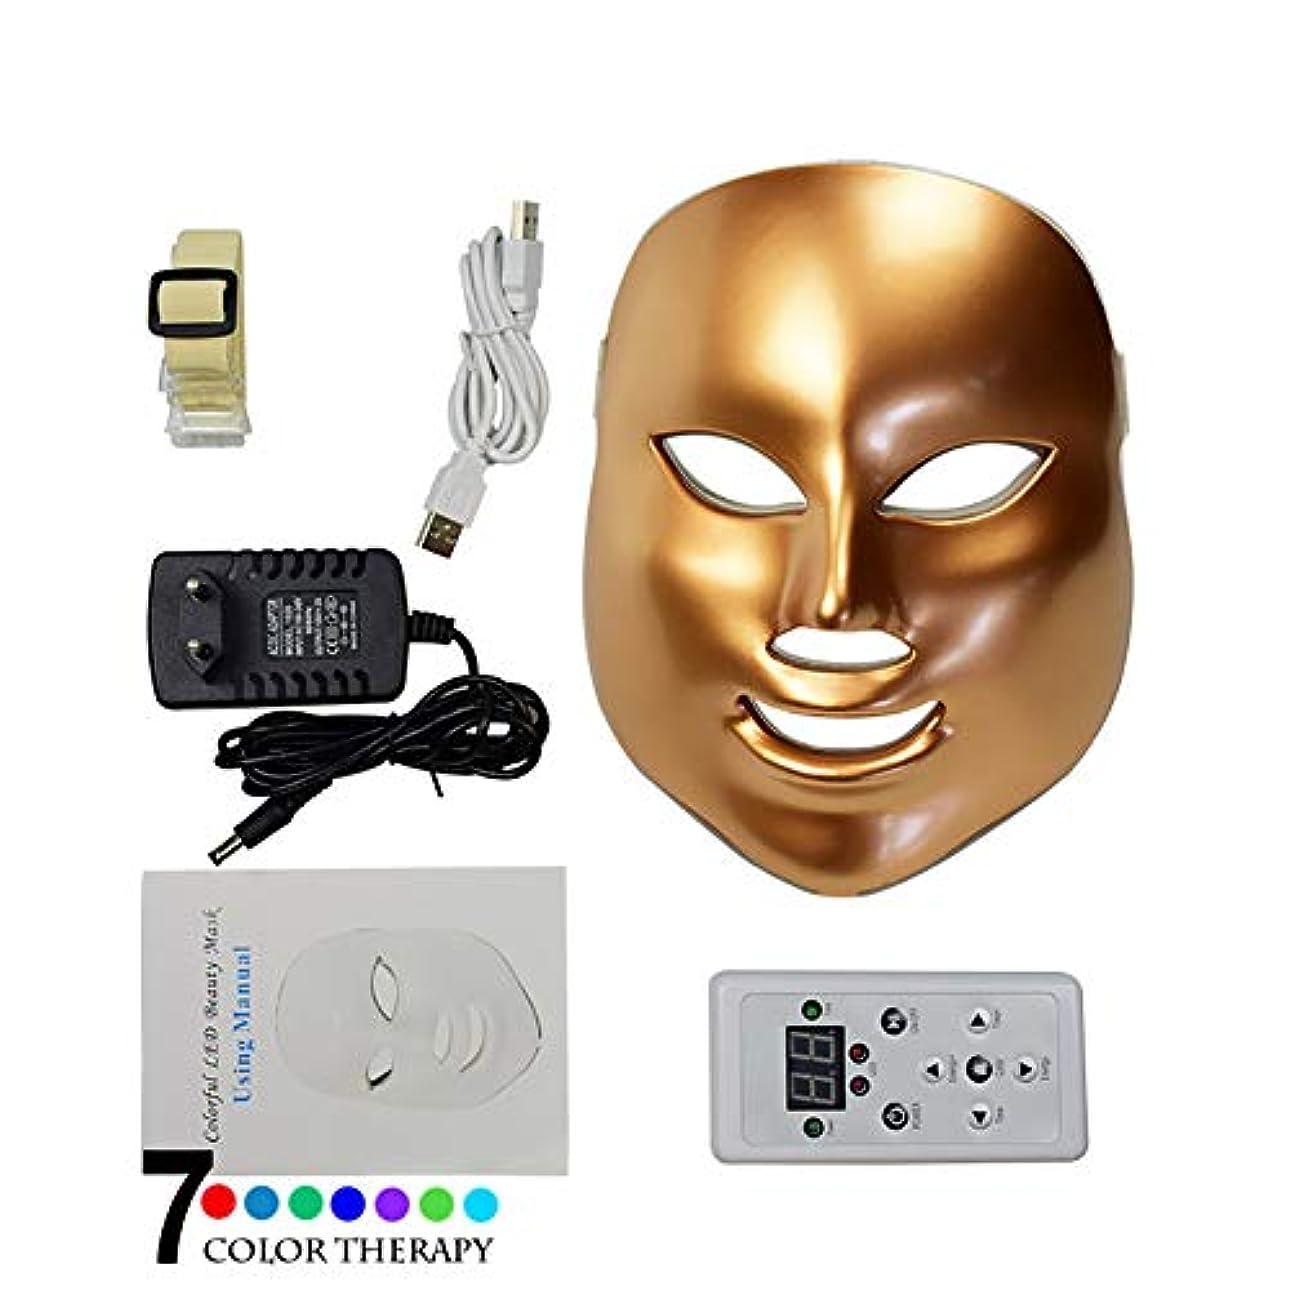 うれしいさびたうぬぼれ7色LEDフェイスマスク、7色LEDスキン光線療法器具、健康的な肌の若返りのためのレッドライトセラピー、アンチエイジング、しわ、瘢痕化,Gold